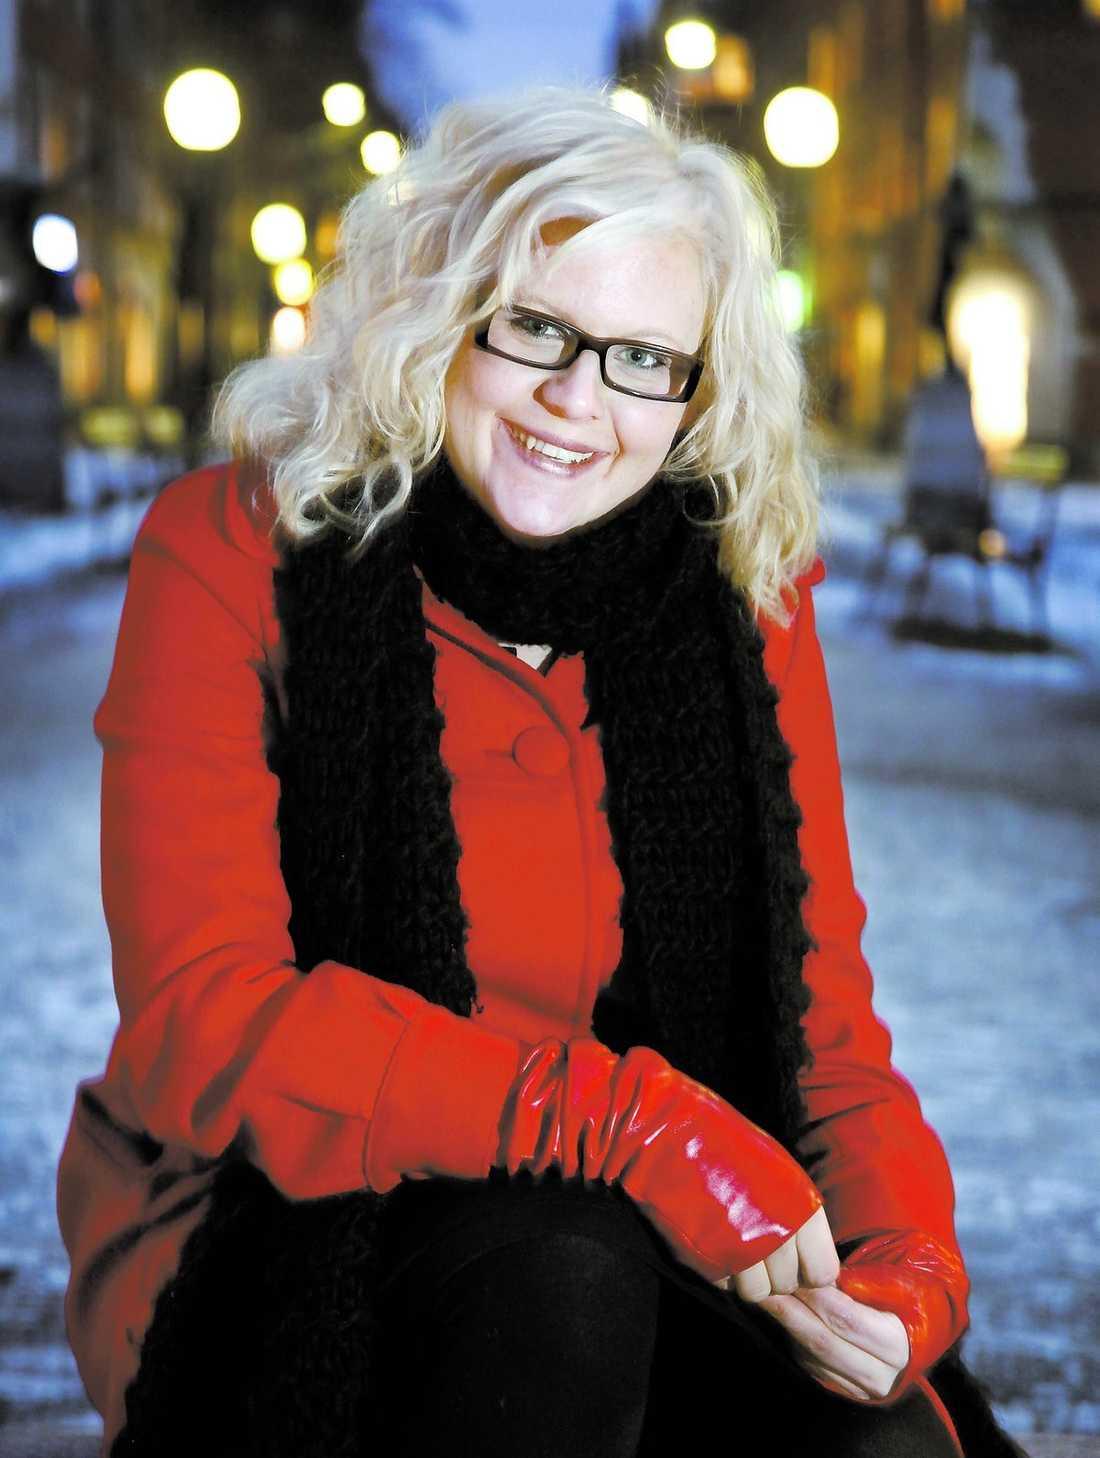 """""""FILMEN KÄNNS ÄKTA"""" Johanna Thydell är nöjd med filmen som bygger på hennes bok. """"Jag tycker att den berör och känns äkta. Jag gillar att den är både rolig och sorglig"""", säger hon."""